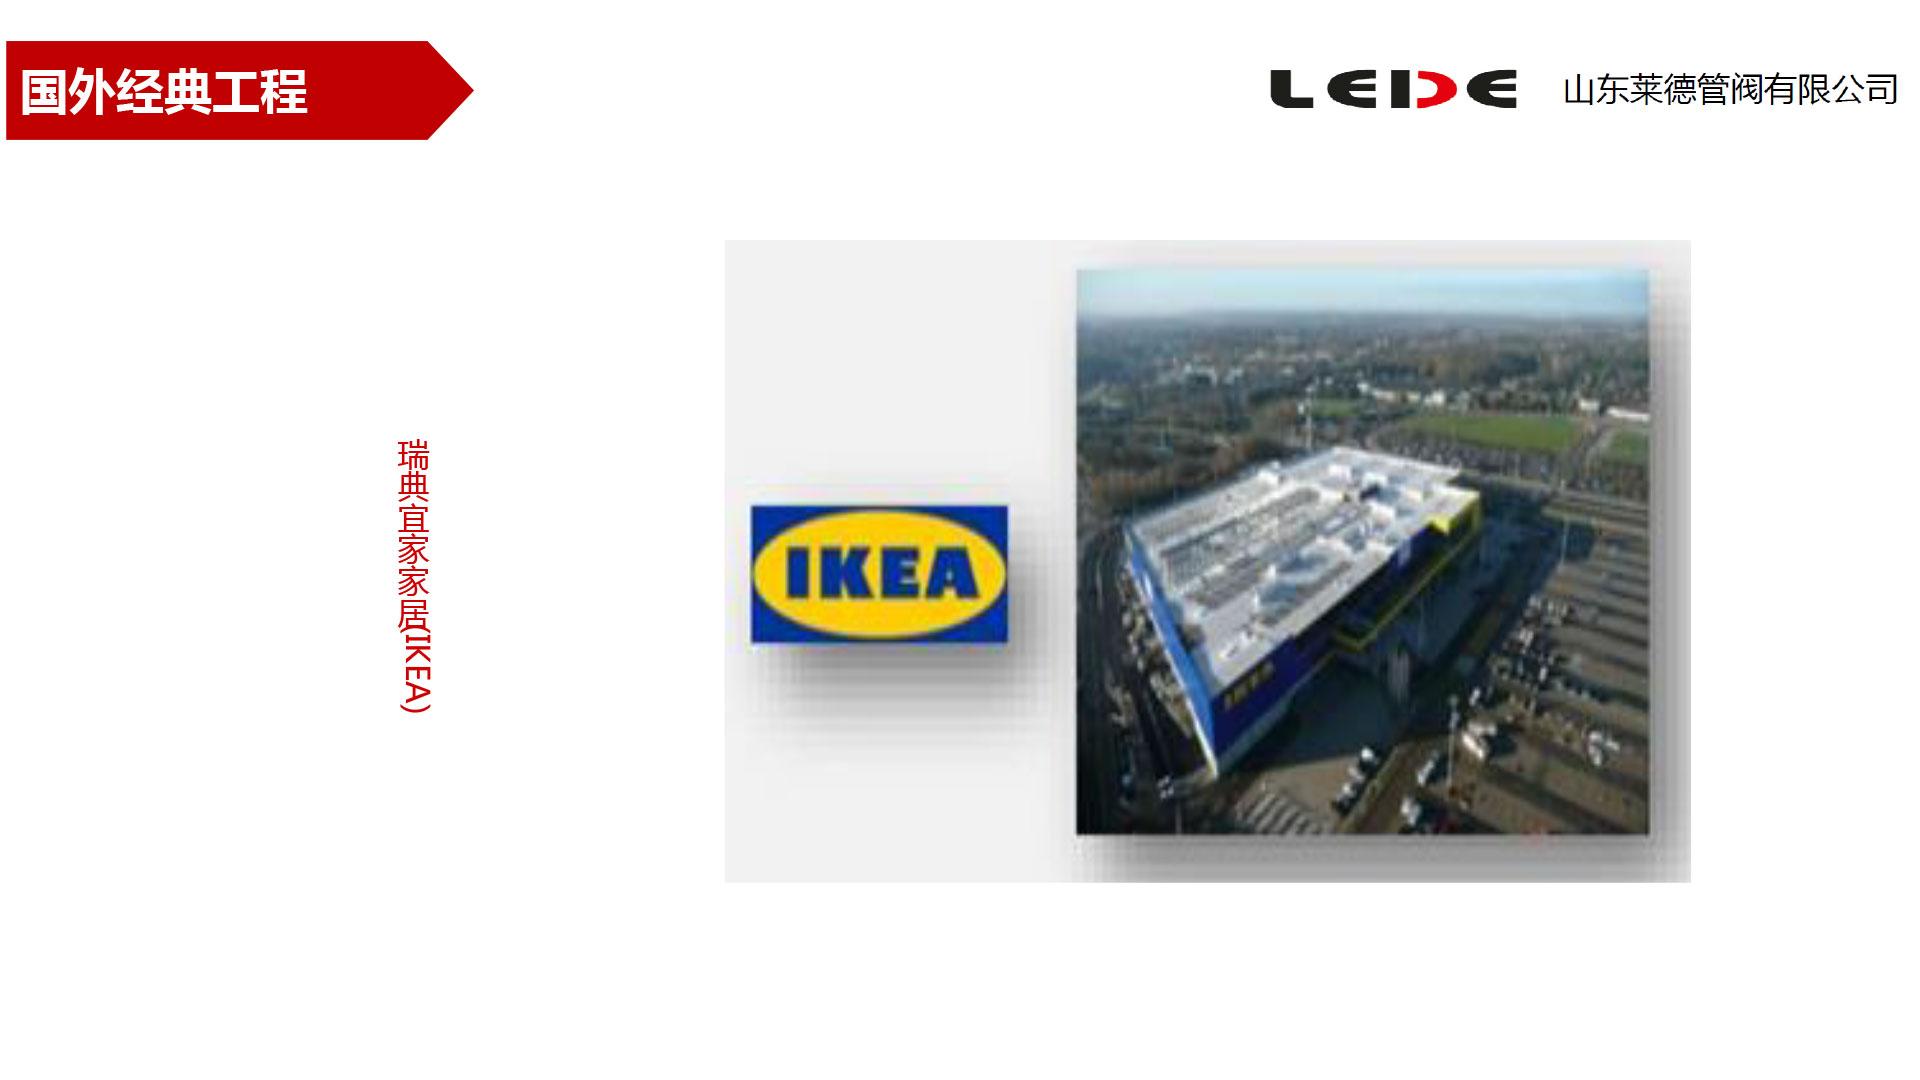 瑞典宜家家居(IKEA)